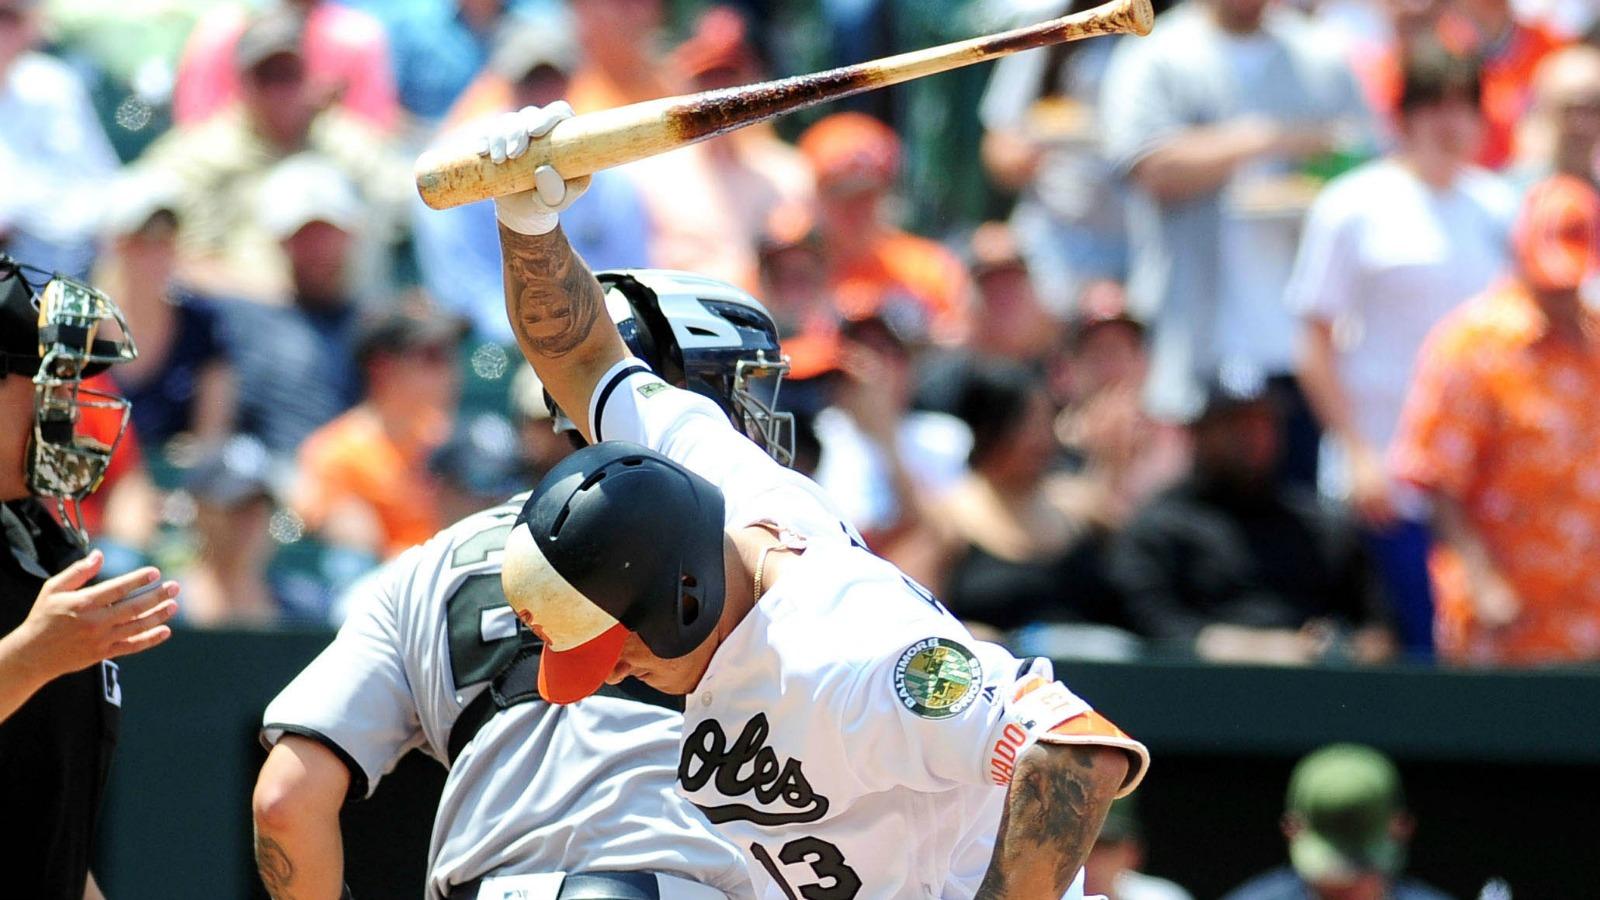 060717-MLB-MannyMachado2-PI